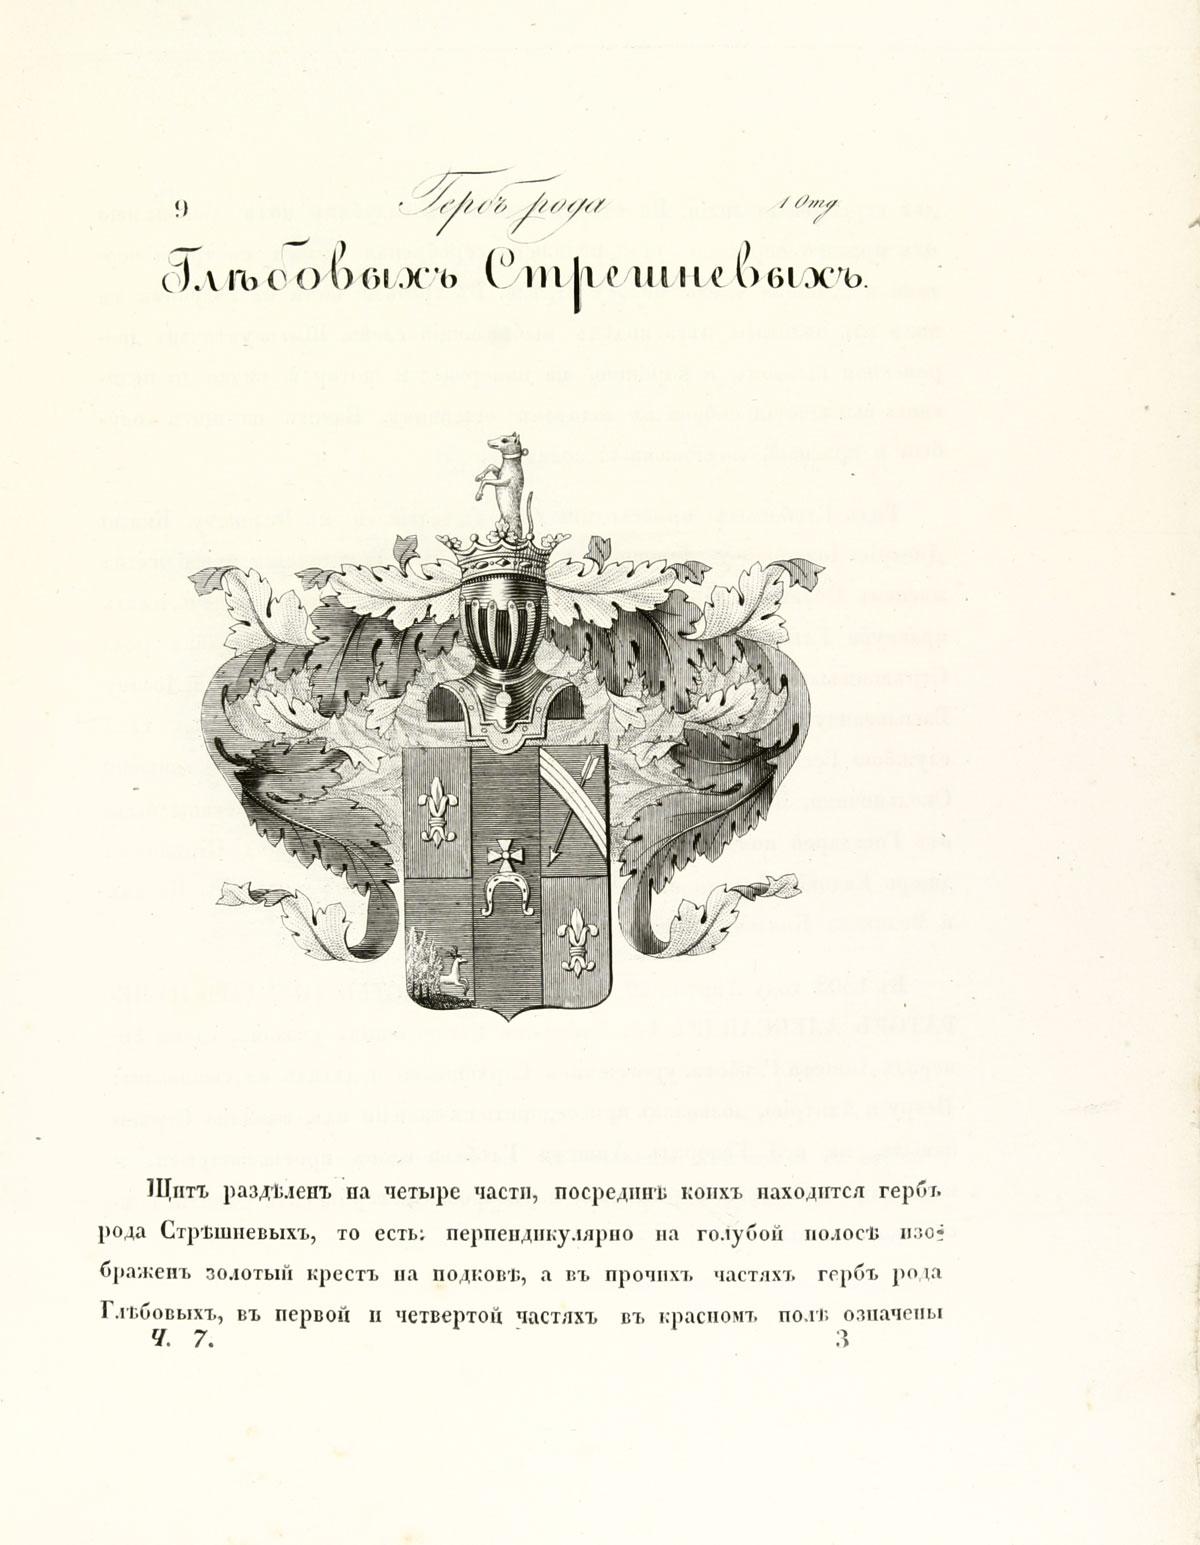 Герб рода Глебовых-Стрешневых, стр. 1